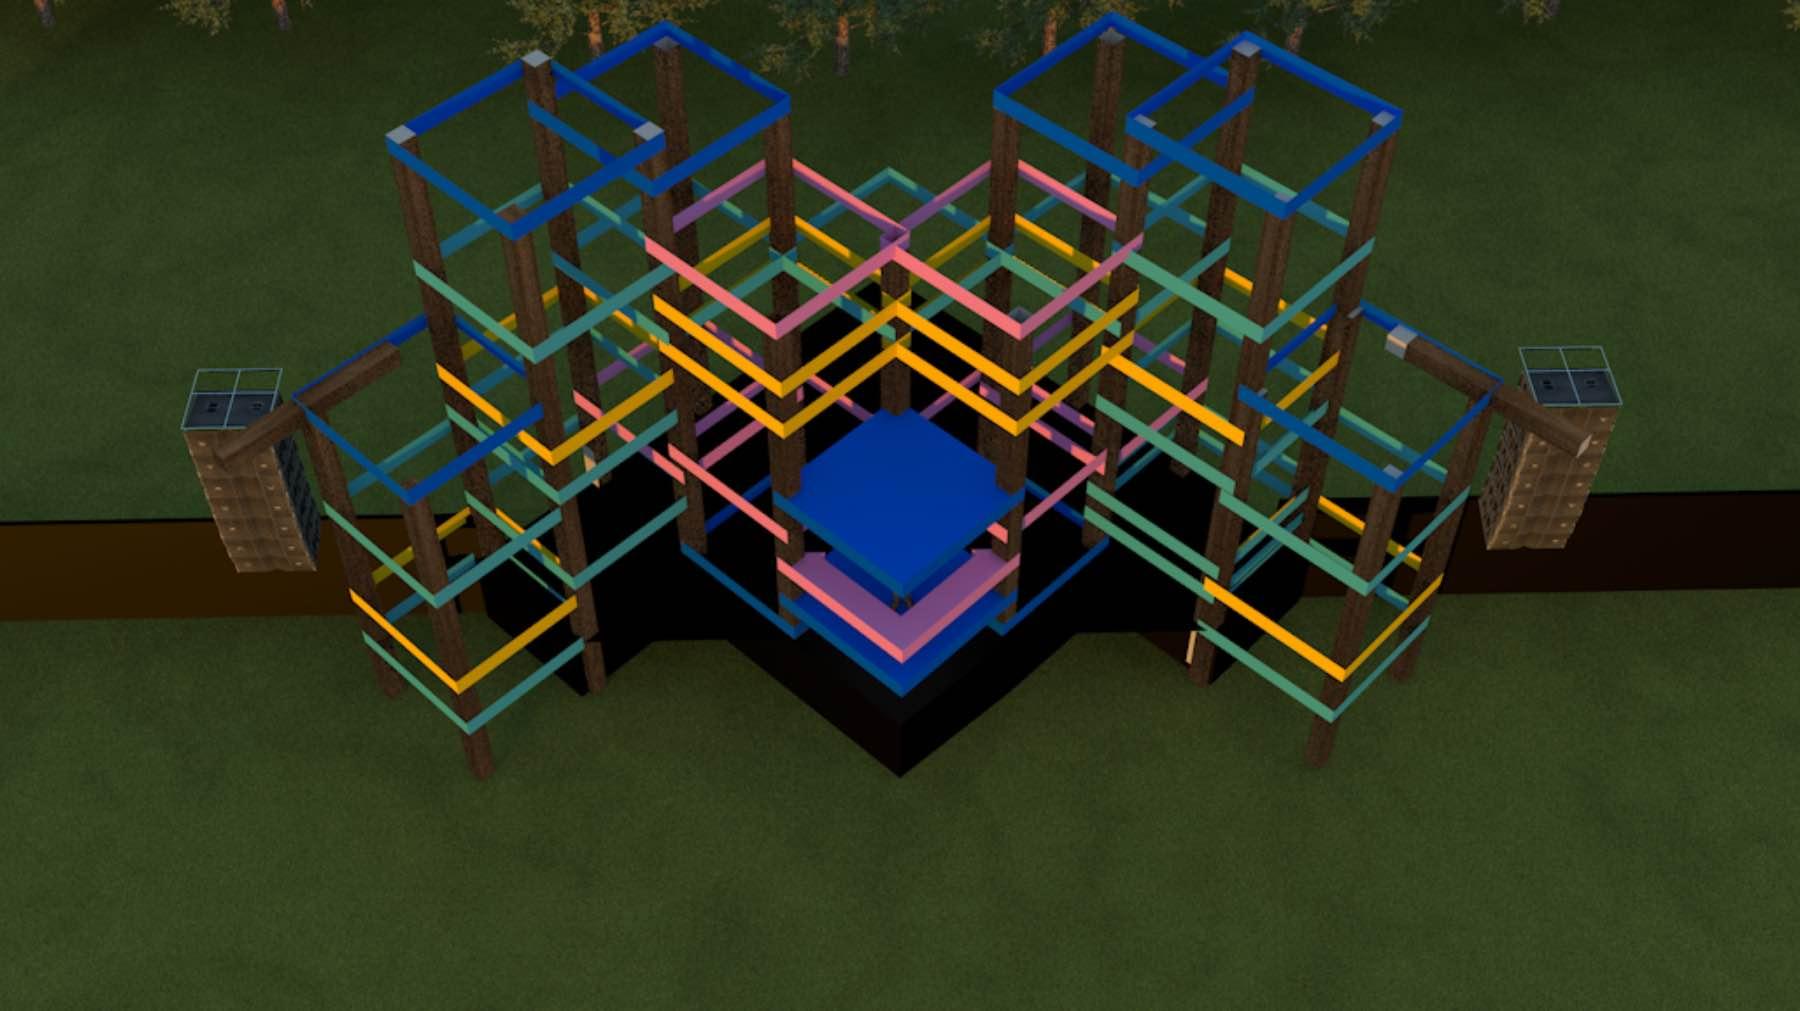 lucid-the-pavilion-3@2x-1